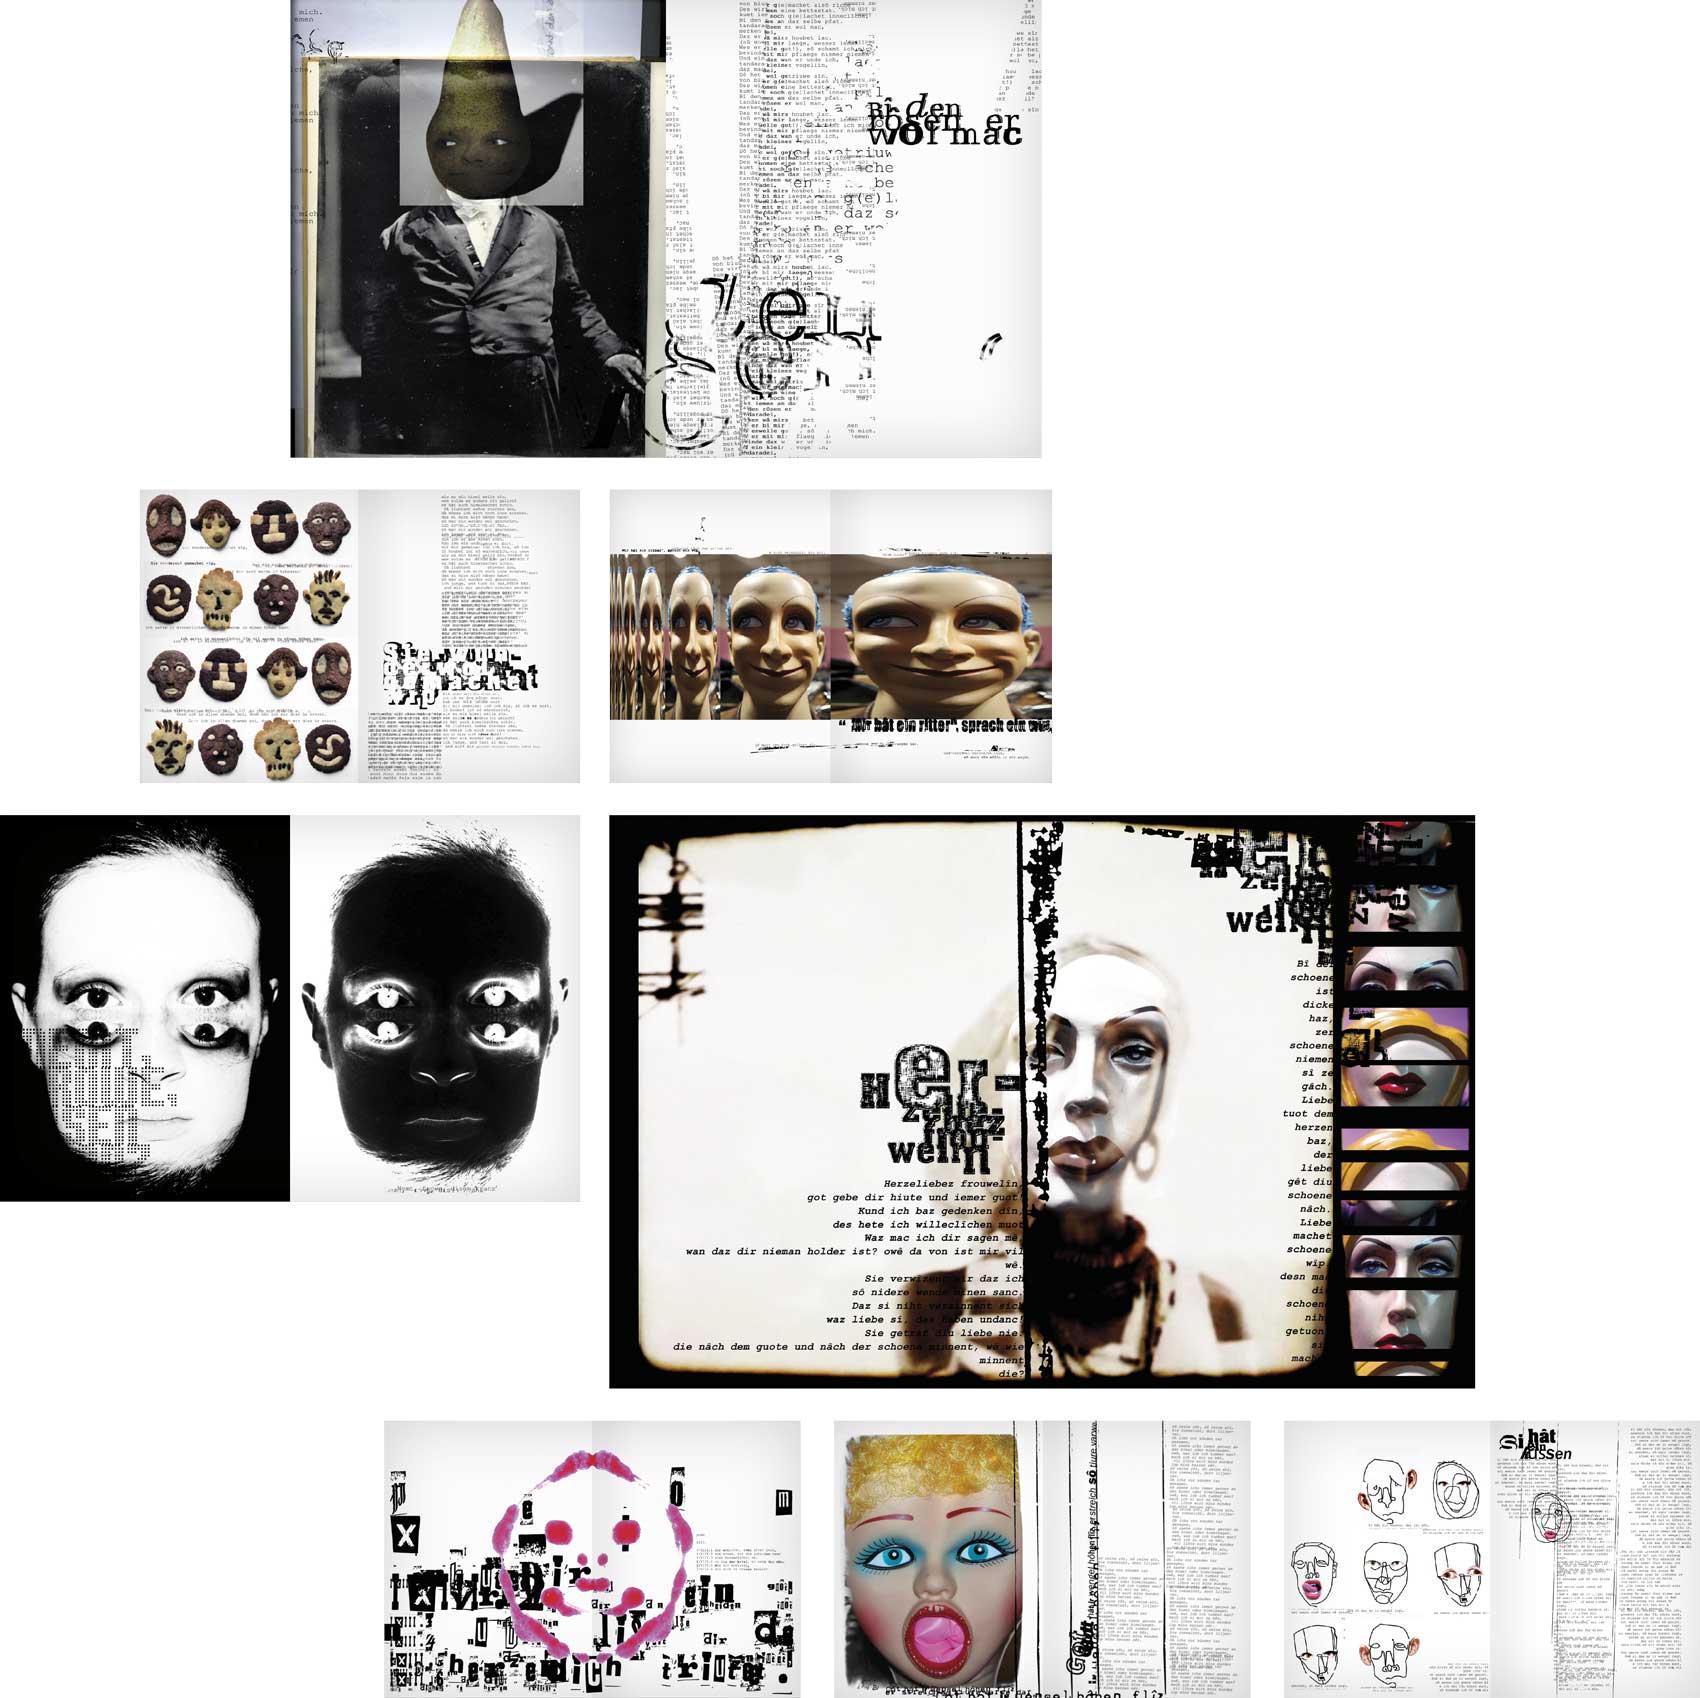 Grafikdesign / Illustrationen Gesichter, Minnesang, von Hannah Jennewein